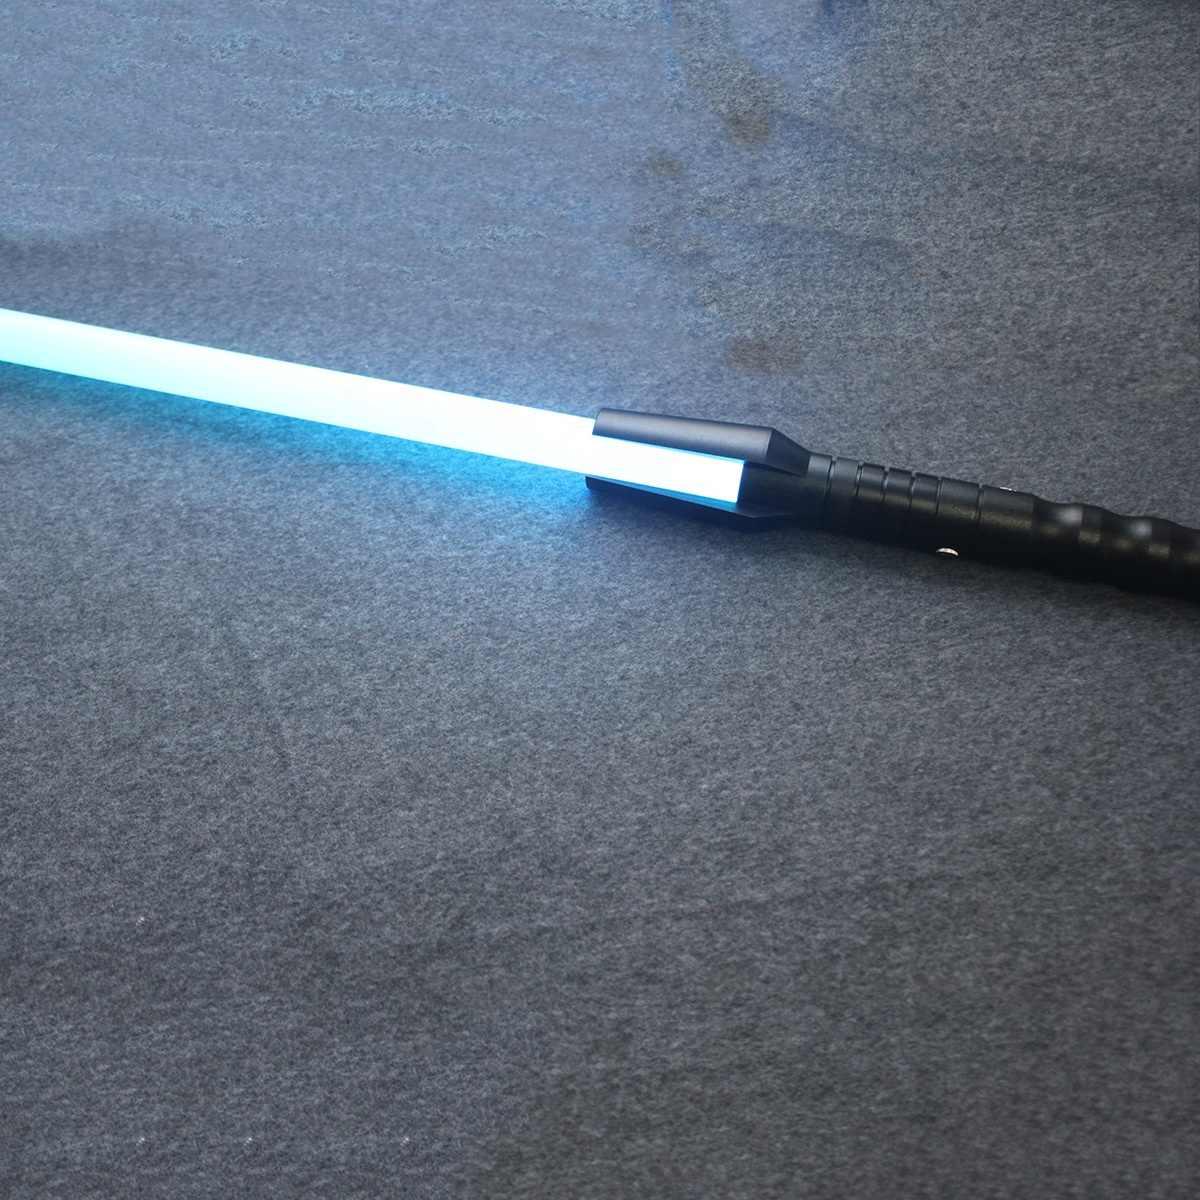 Ydd Zjw 7 Warna 100 Cm Lightsaber Mainan Jedi Sith Light Saber Kekuatan Berat Duel Isi Ulang Warna Mengubah Suara